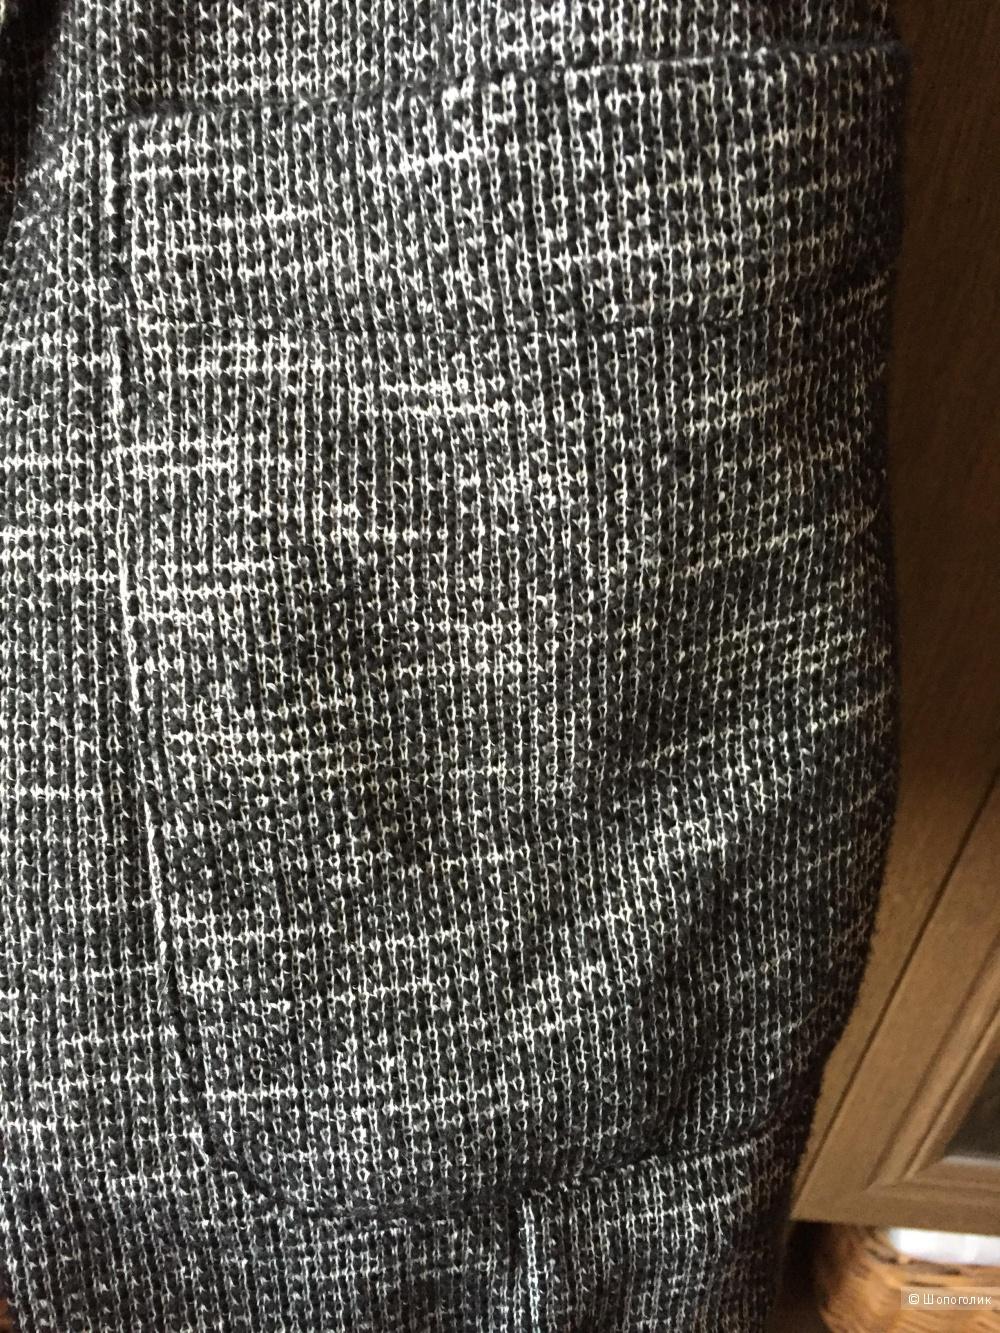 Пиджак жакет Top Shop размер US 2, EU 34, UK 6.